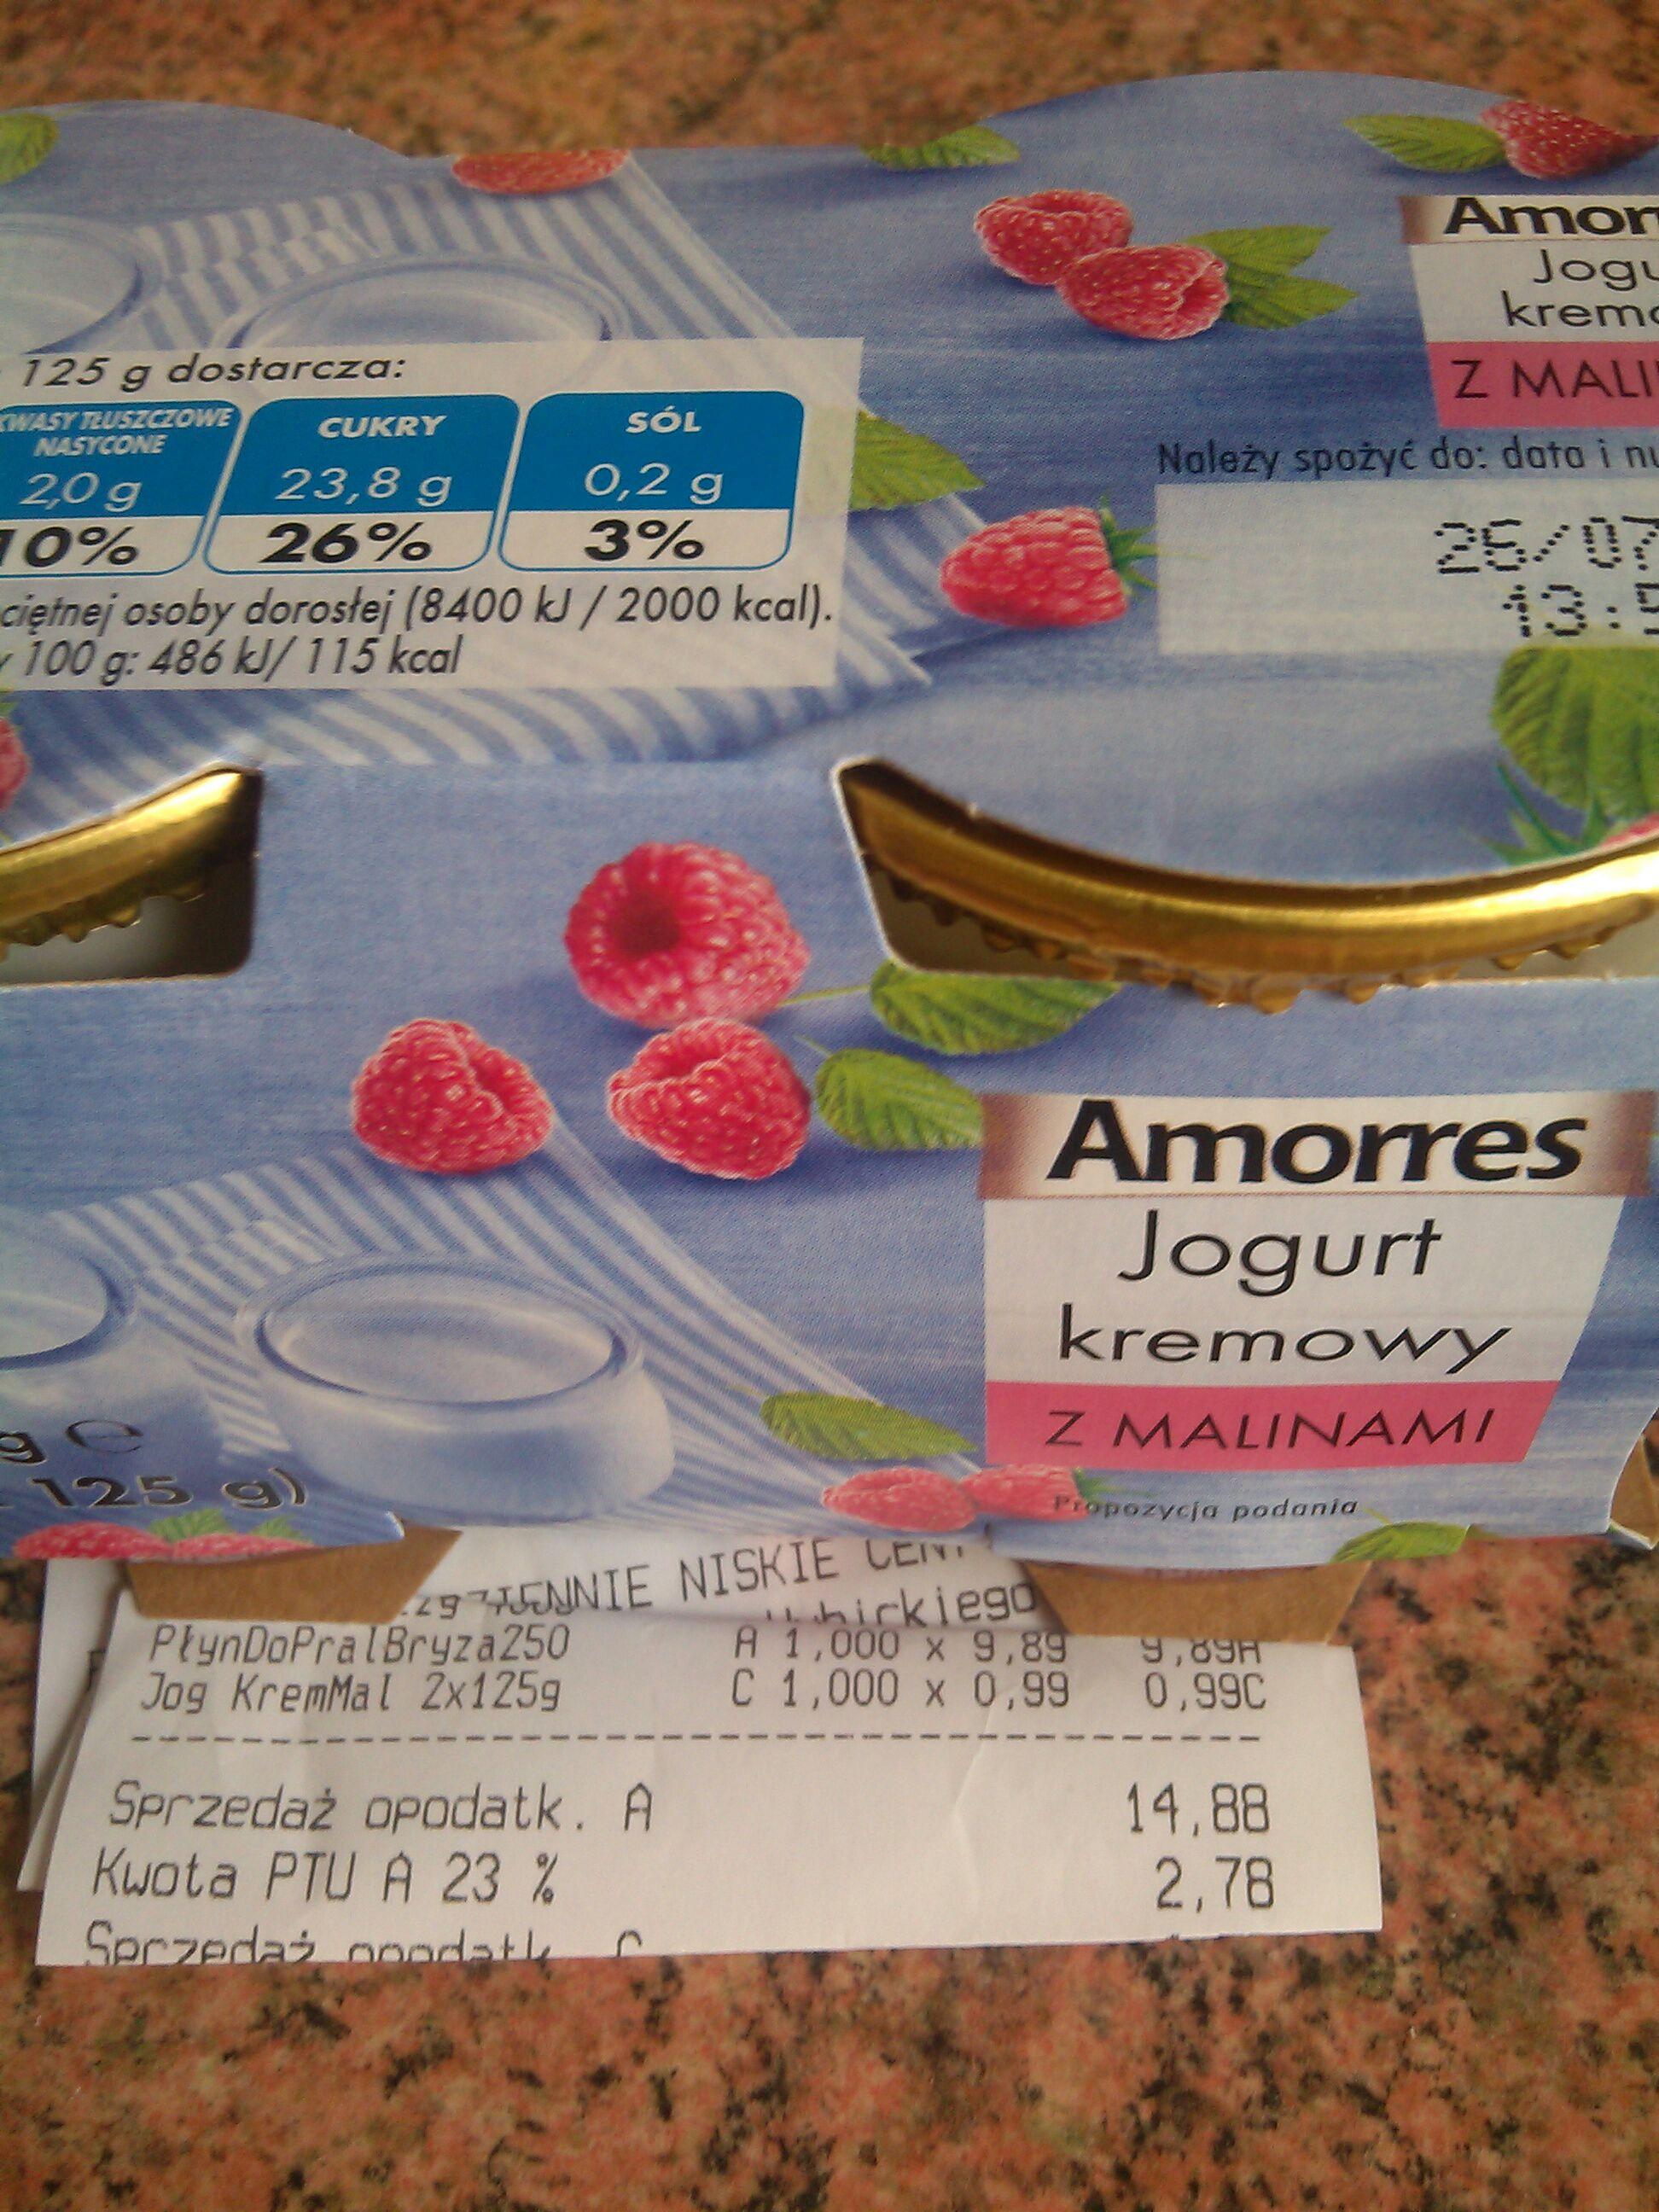 Jogurt kremowy Amorres 0.99 zł @ Biedronka